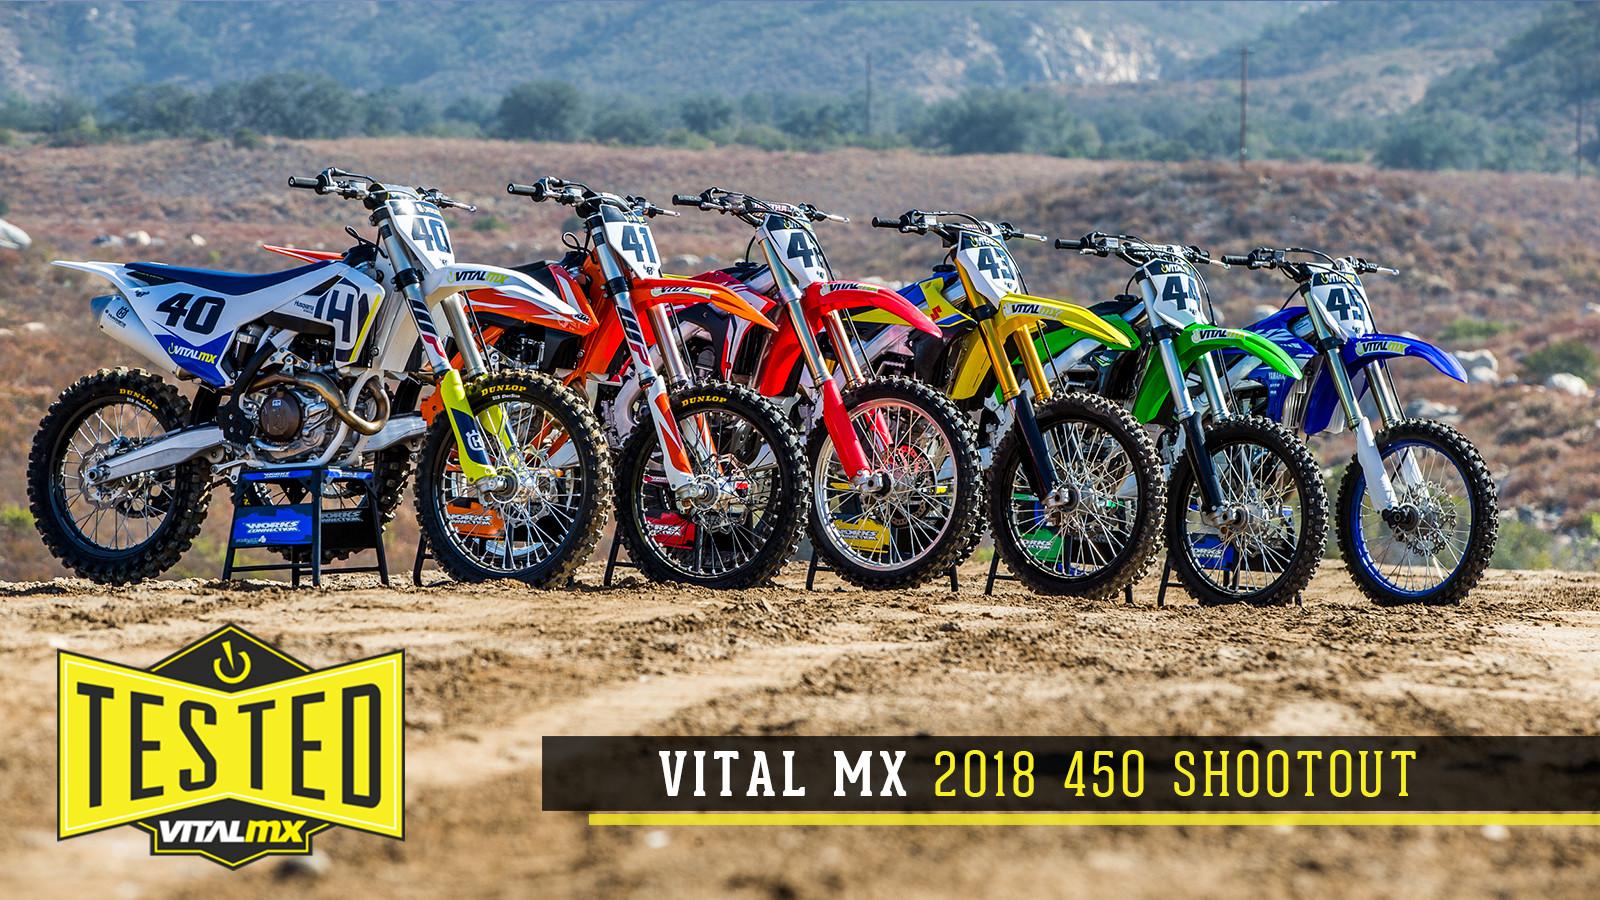 2018 Vital MX 450 Shootout - Motocross Feature Stories ...